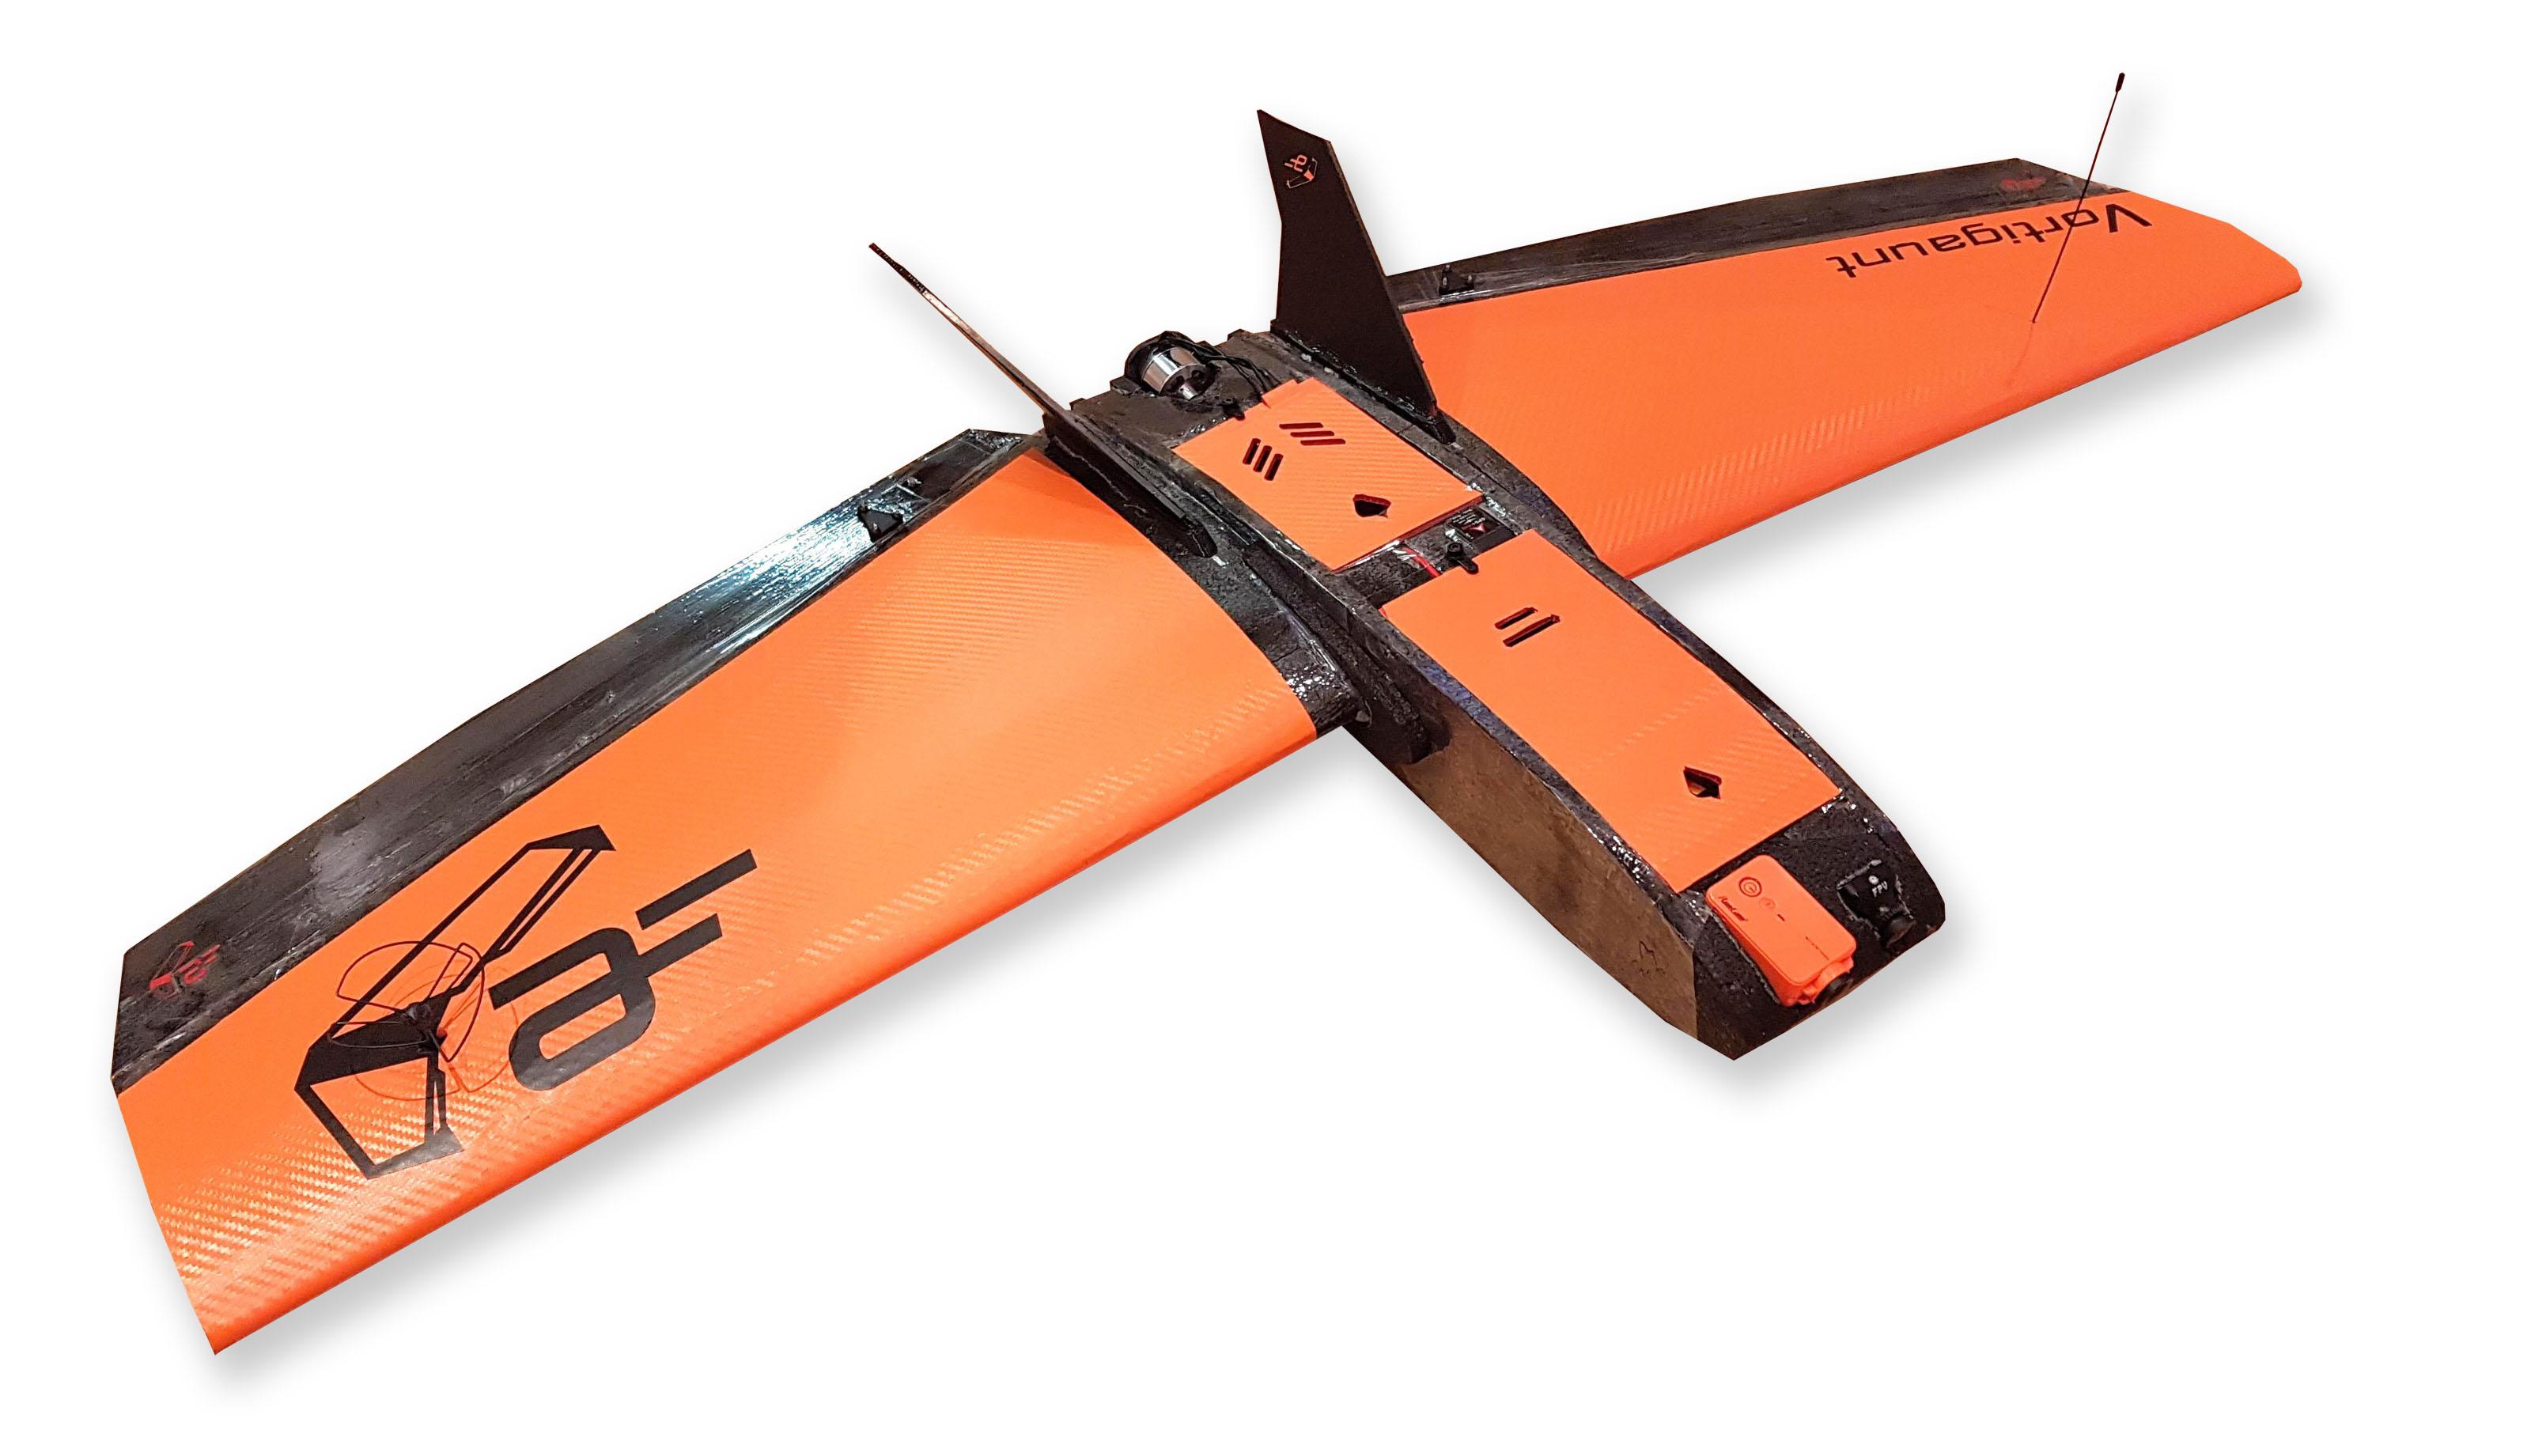 Vortigaunt FPV e-wings